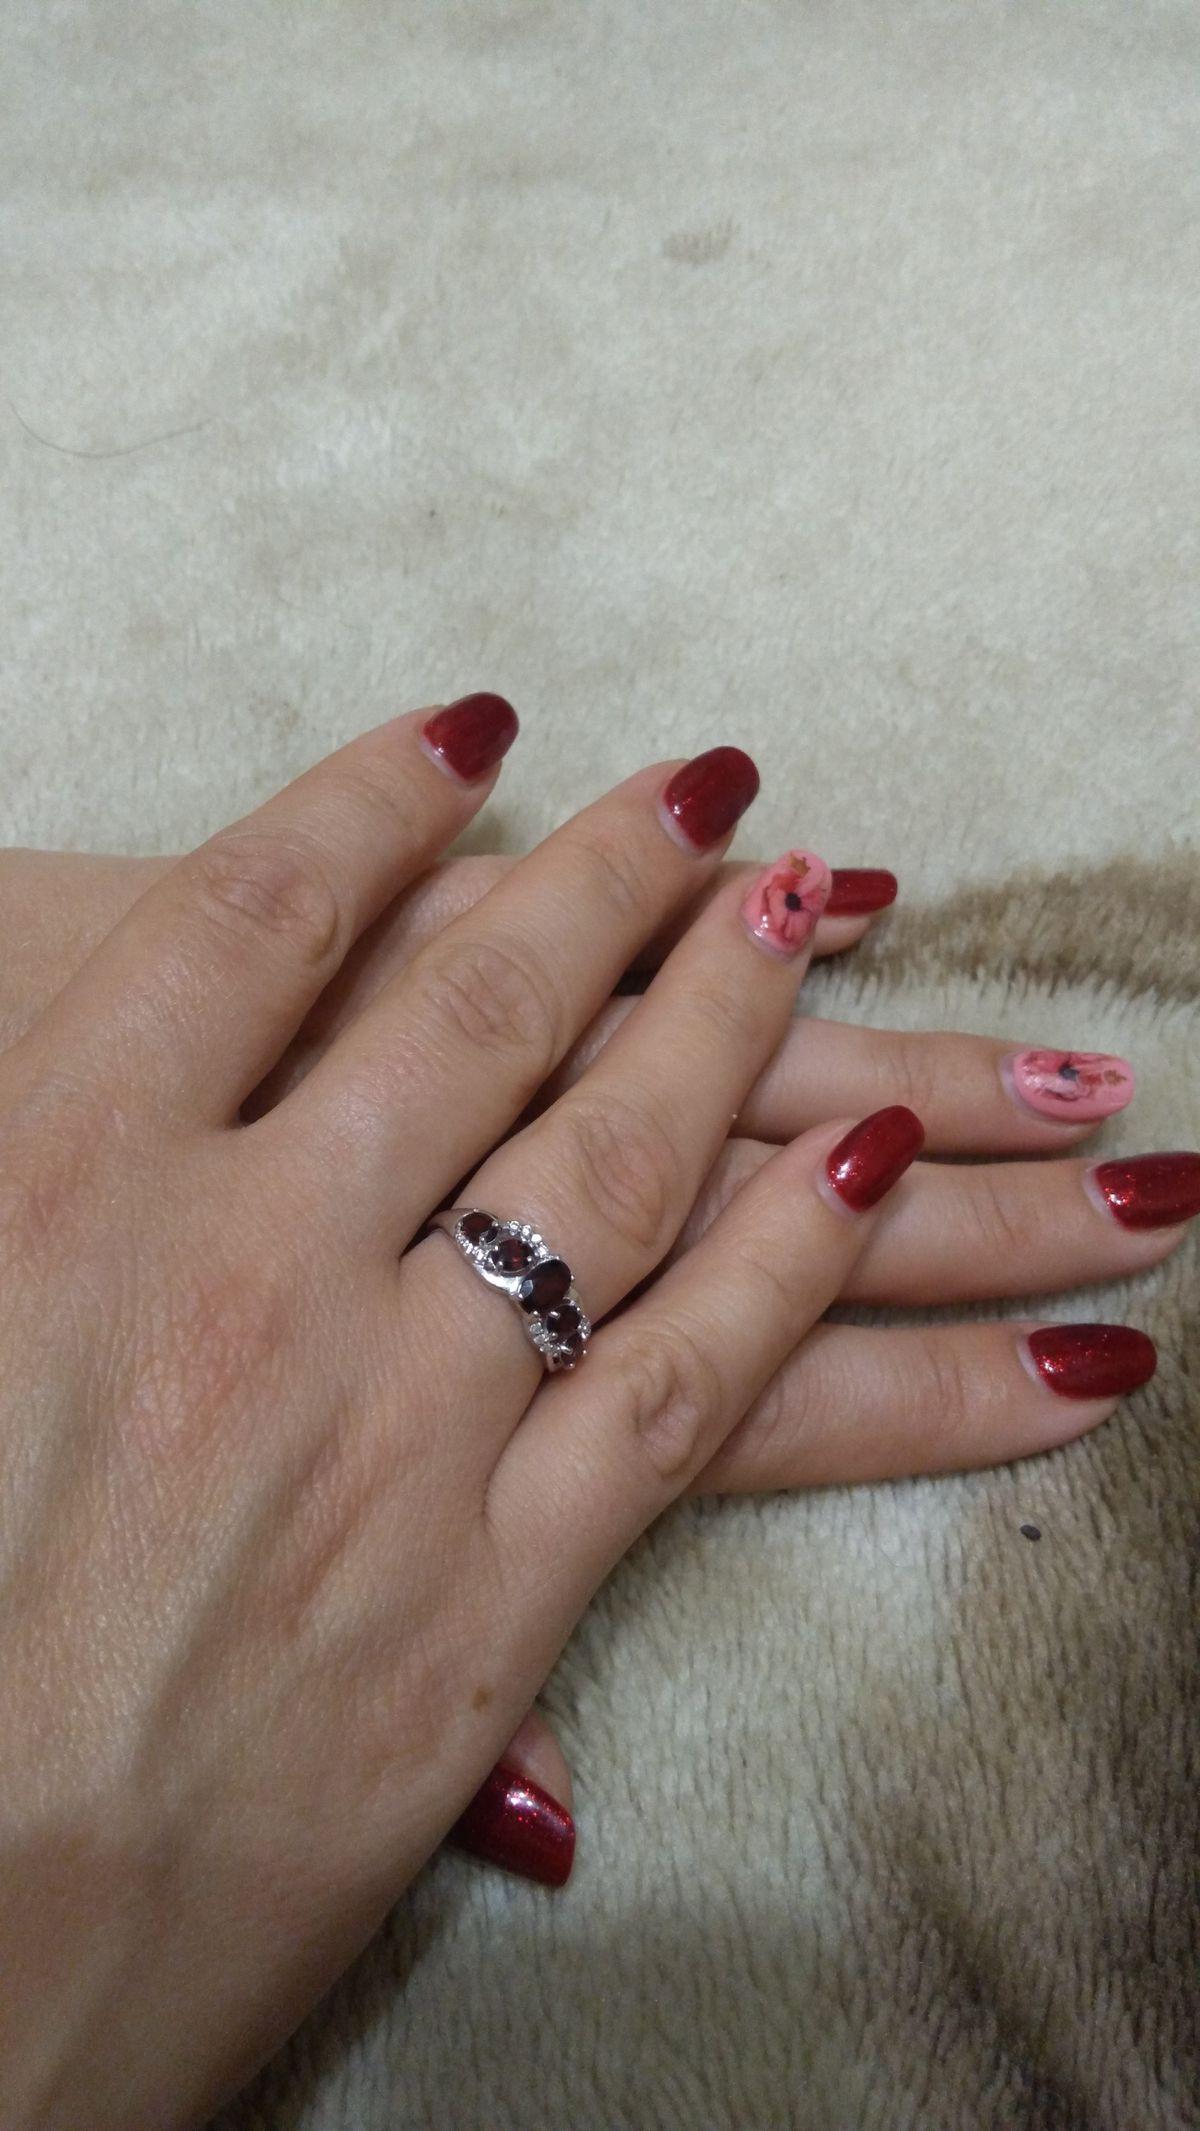 Красивое кольцо. В живую красивее чем на картинке!